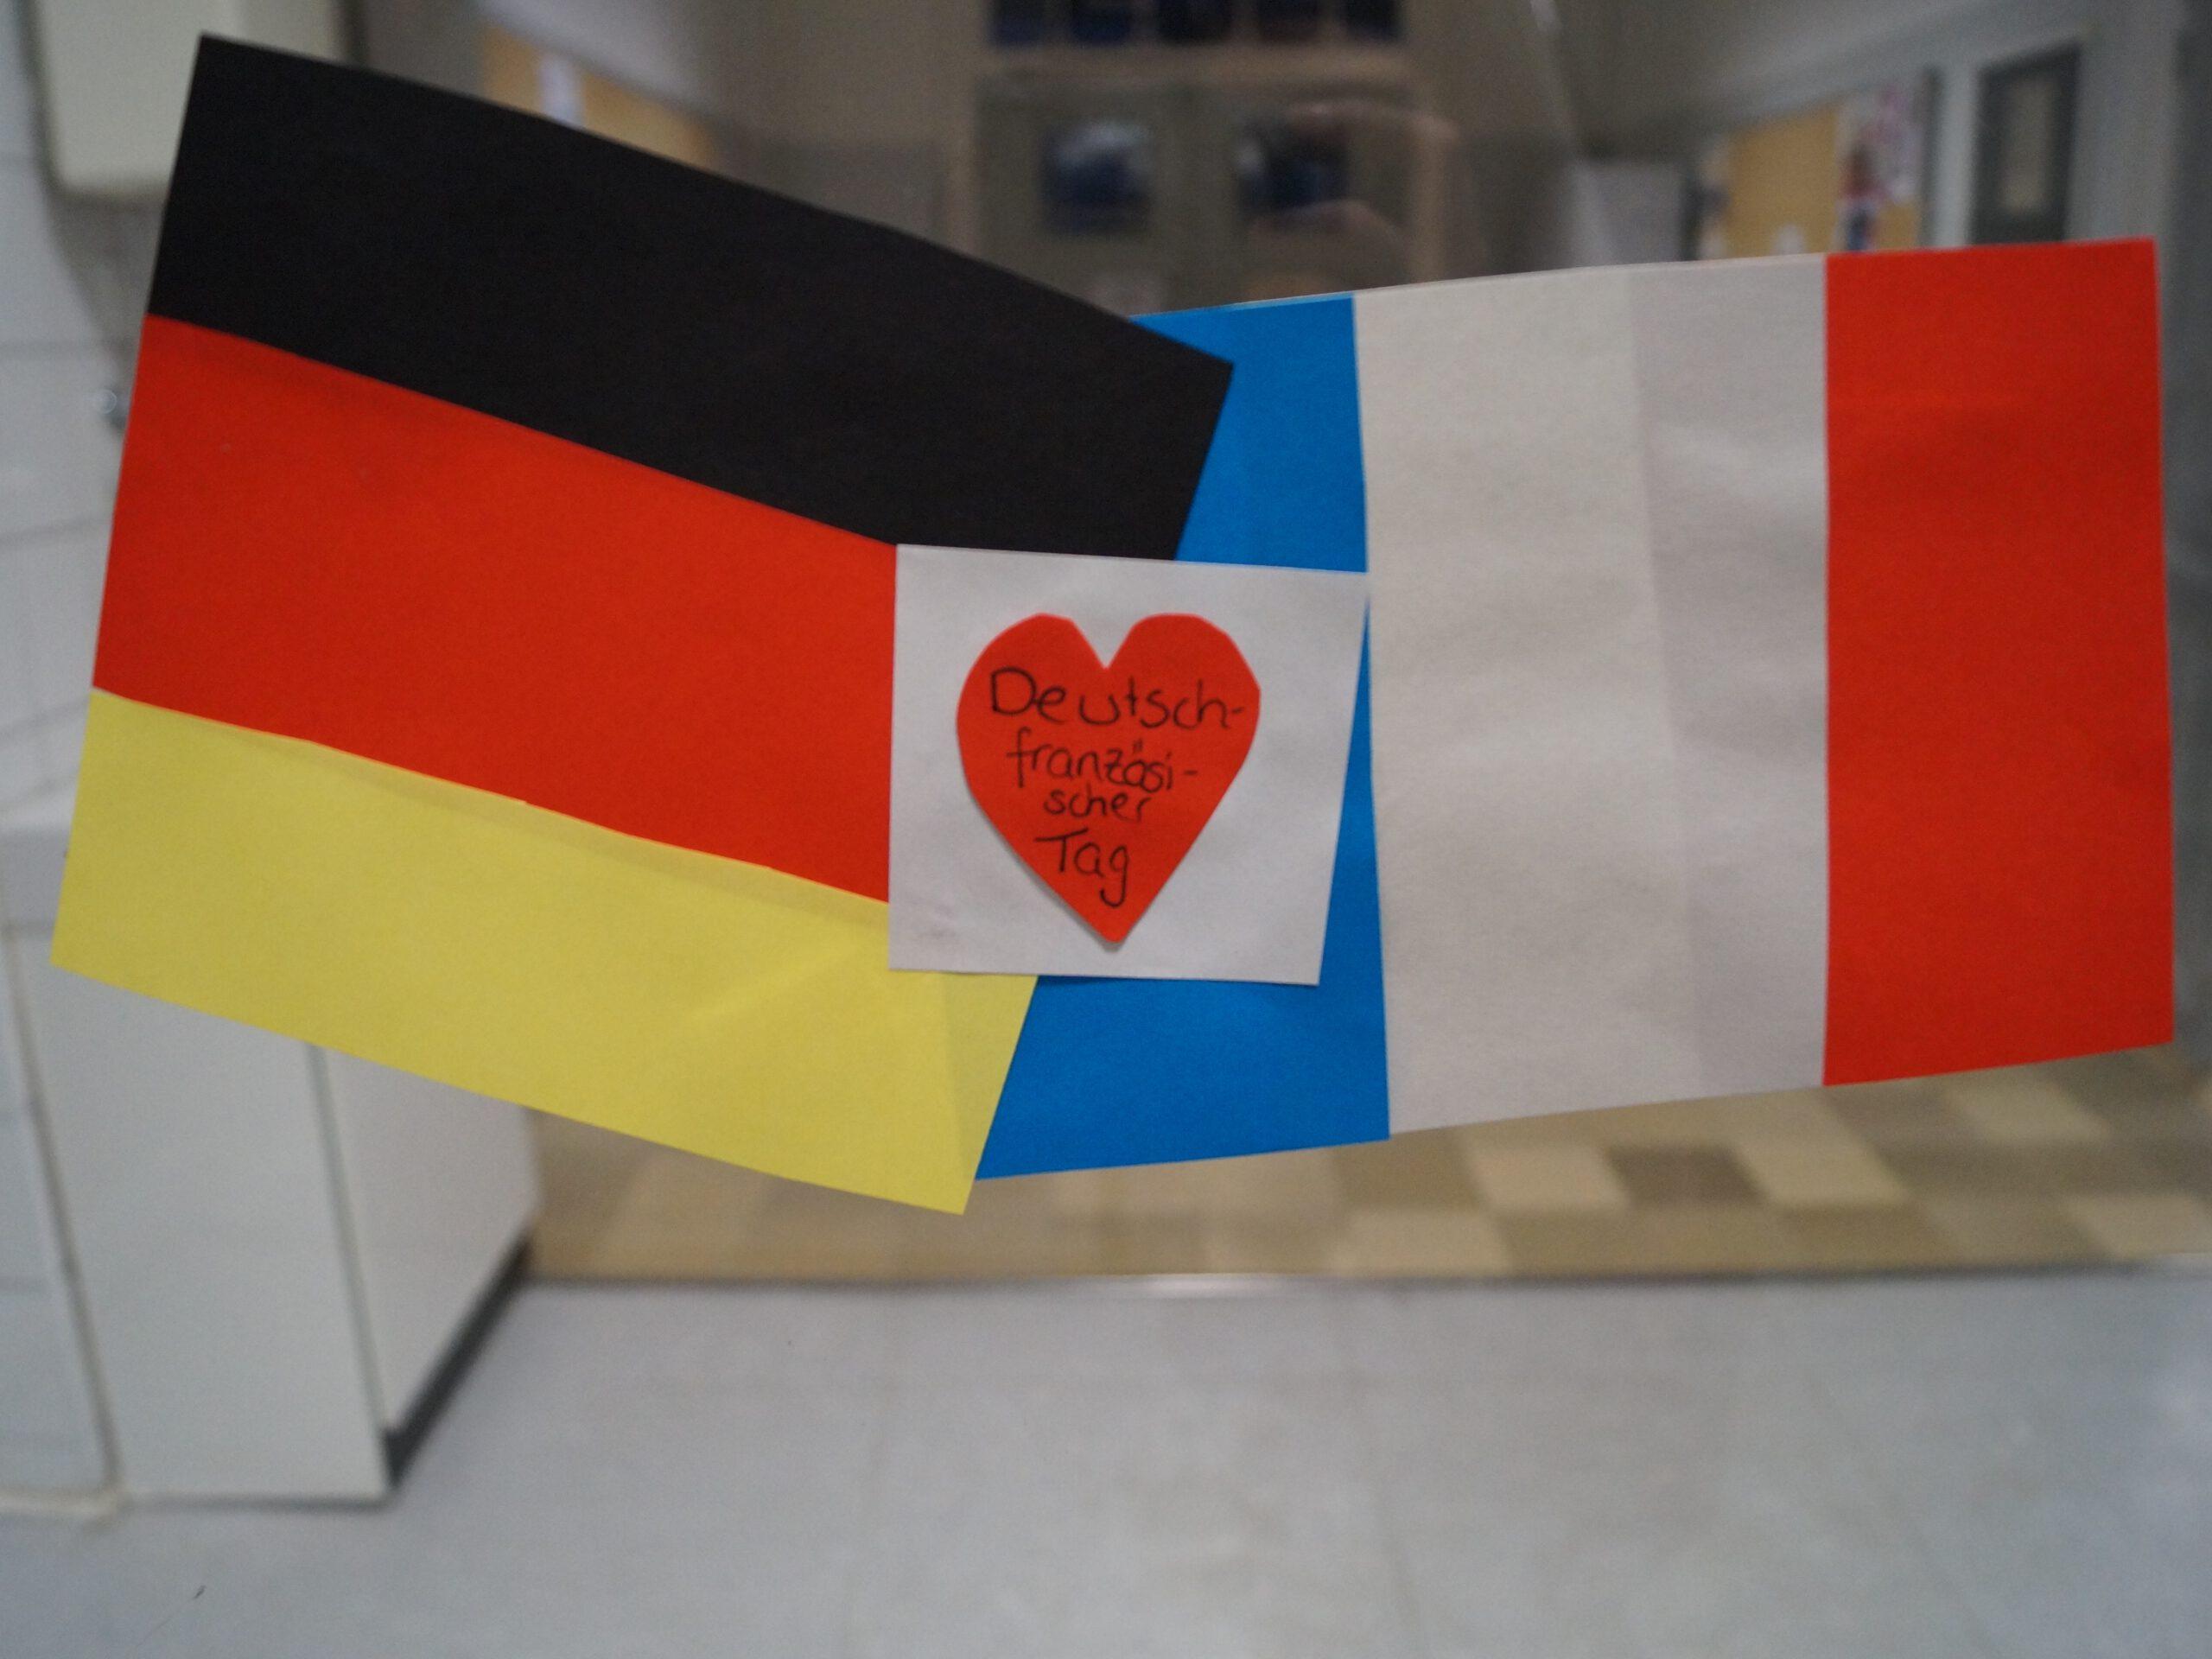 Wir feiern den Deutsch-Französischen Tag – mit einer virtuellen Schnitzeljagd!